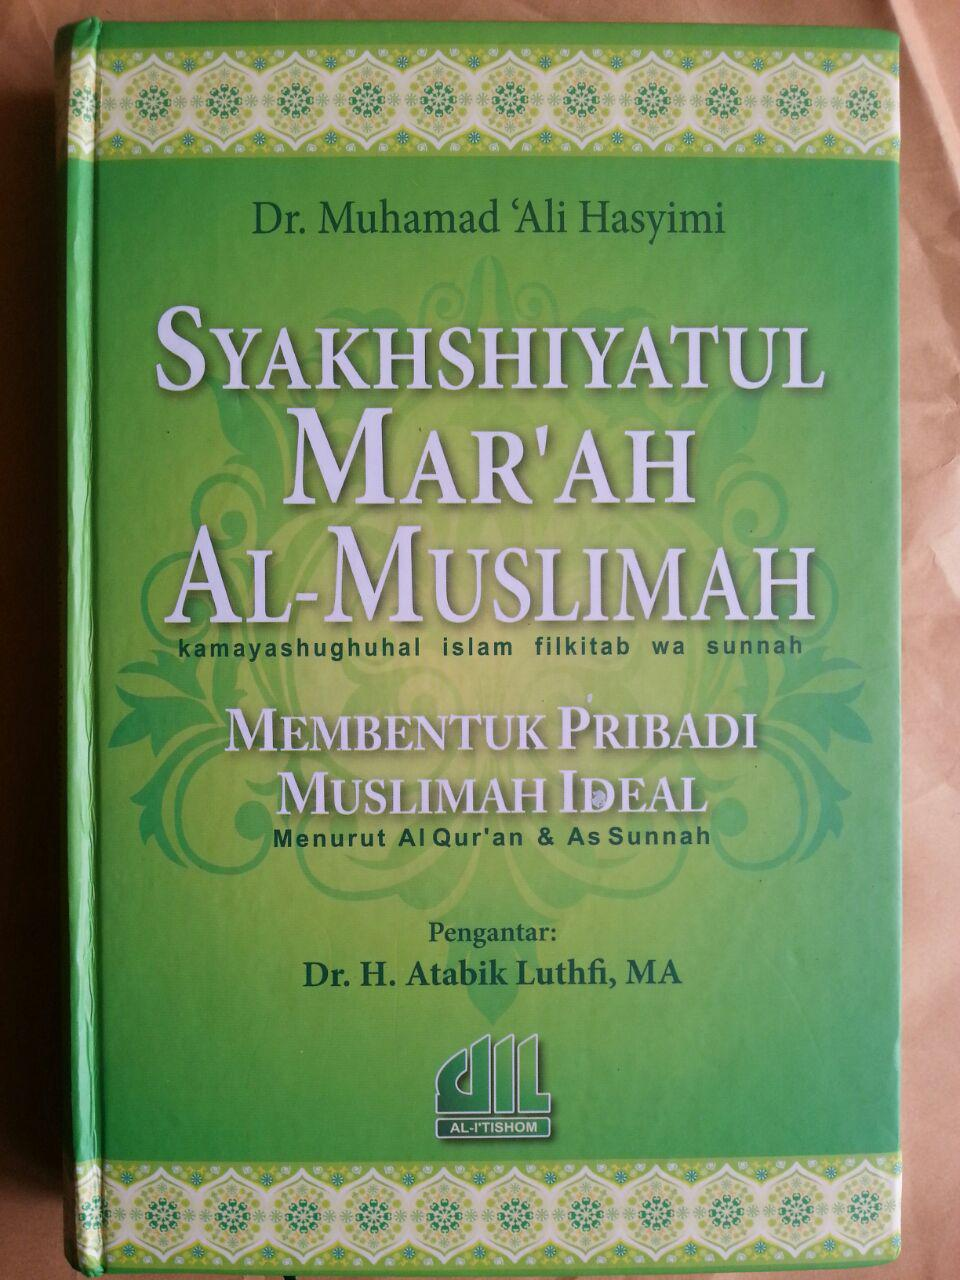 Buku Syakhshiyatul Mar'ah Al-Muslimah Membentuk Pribadi Muslimah Ideal cover 2